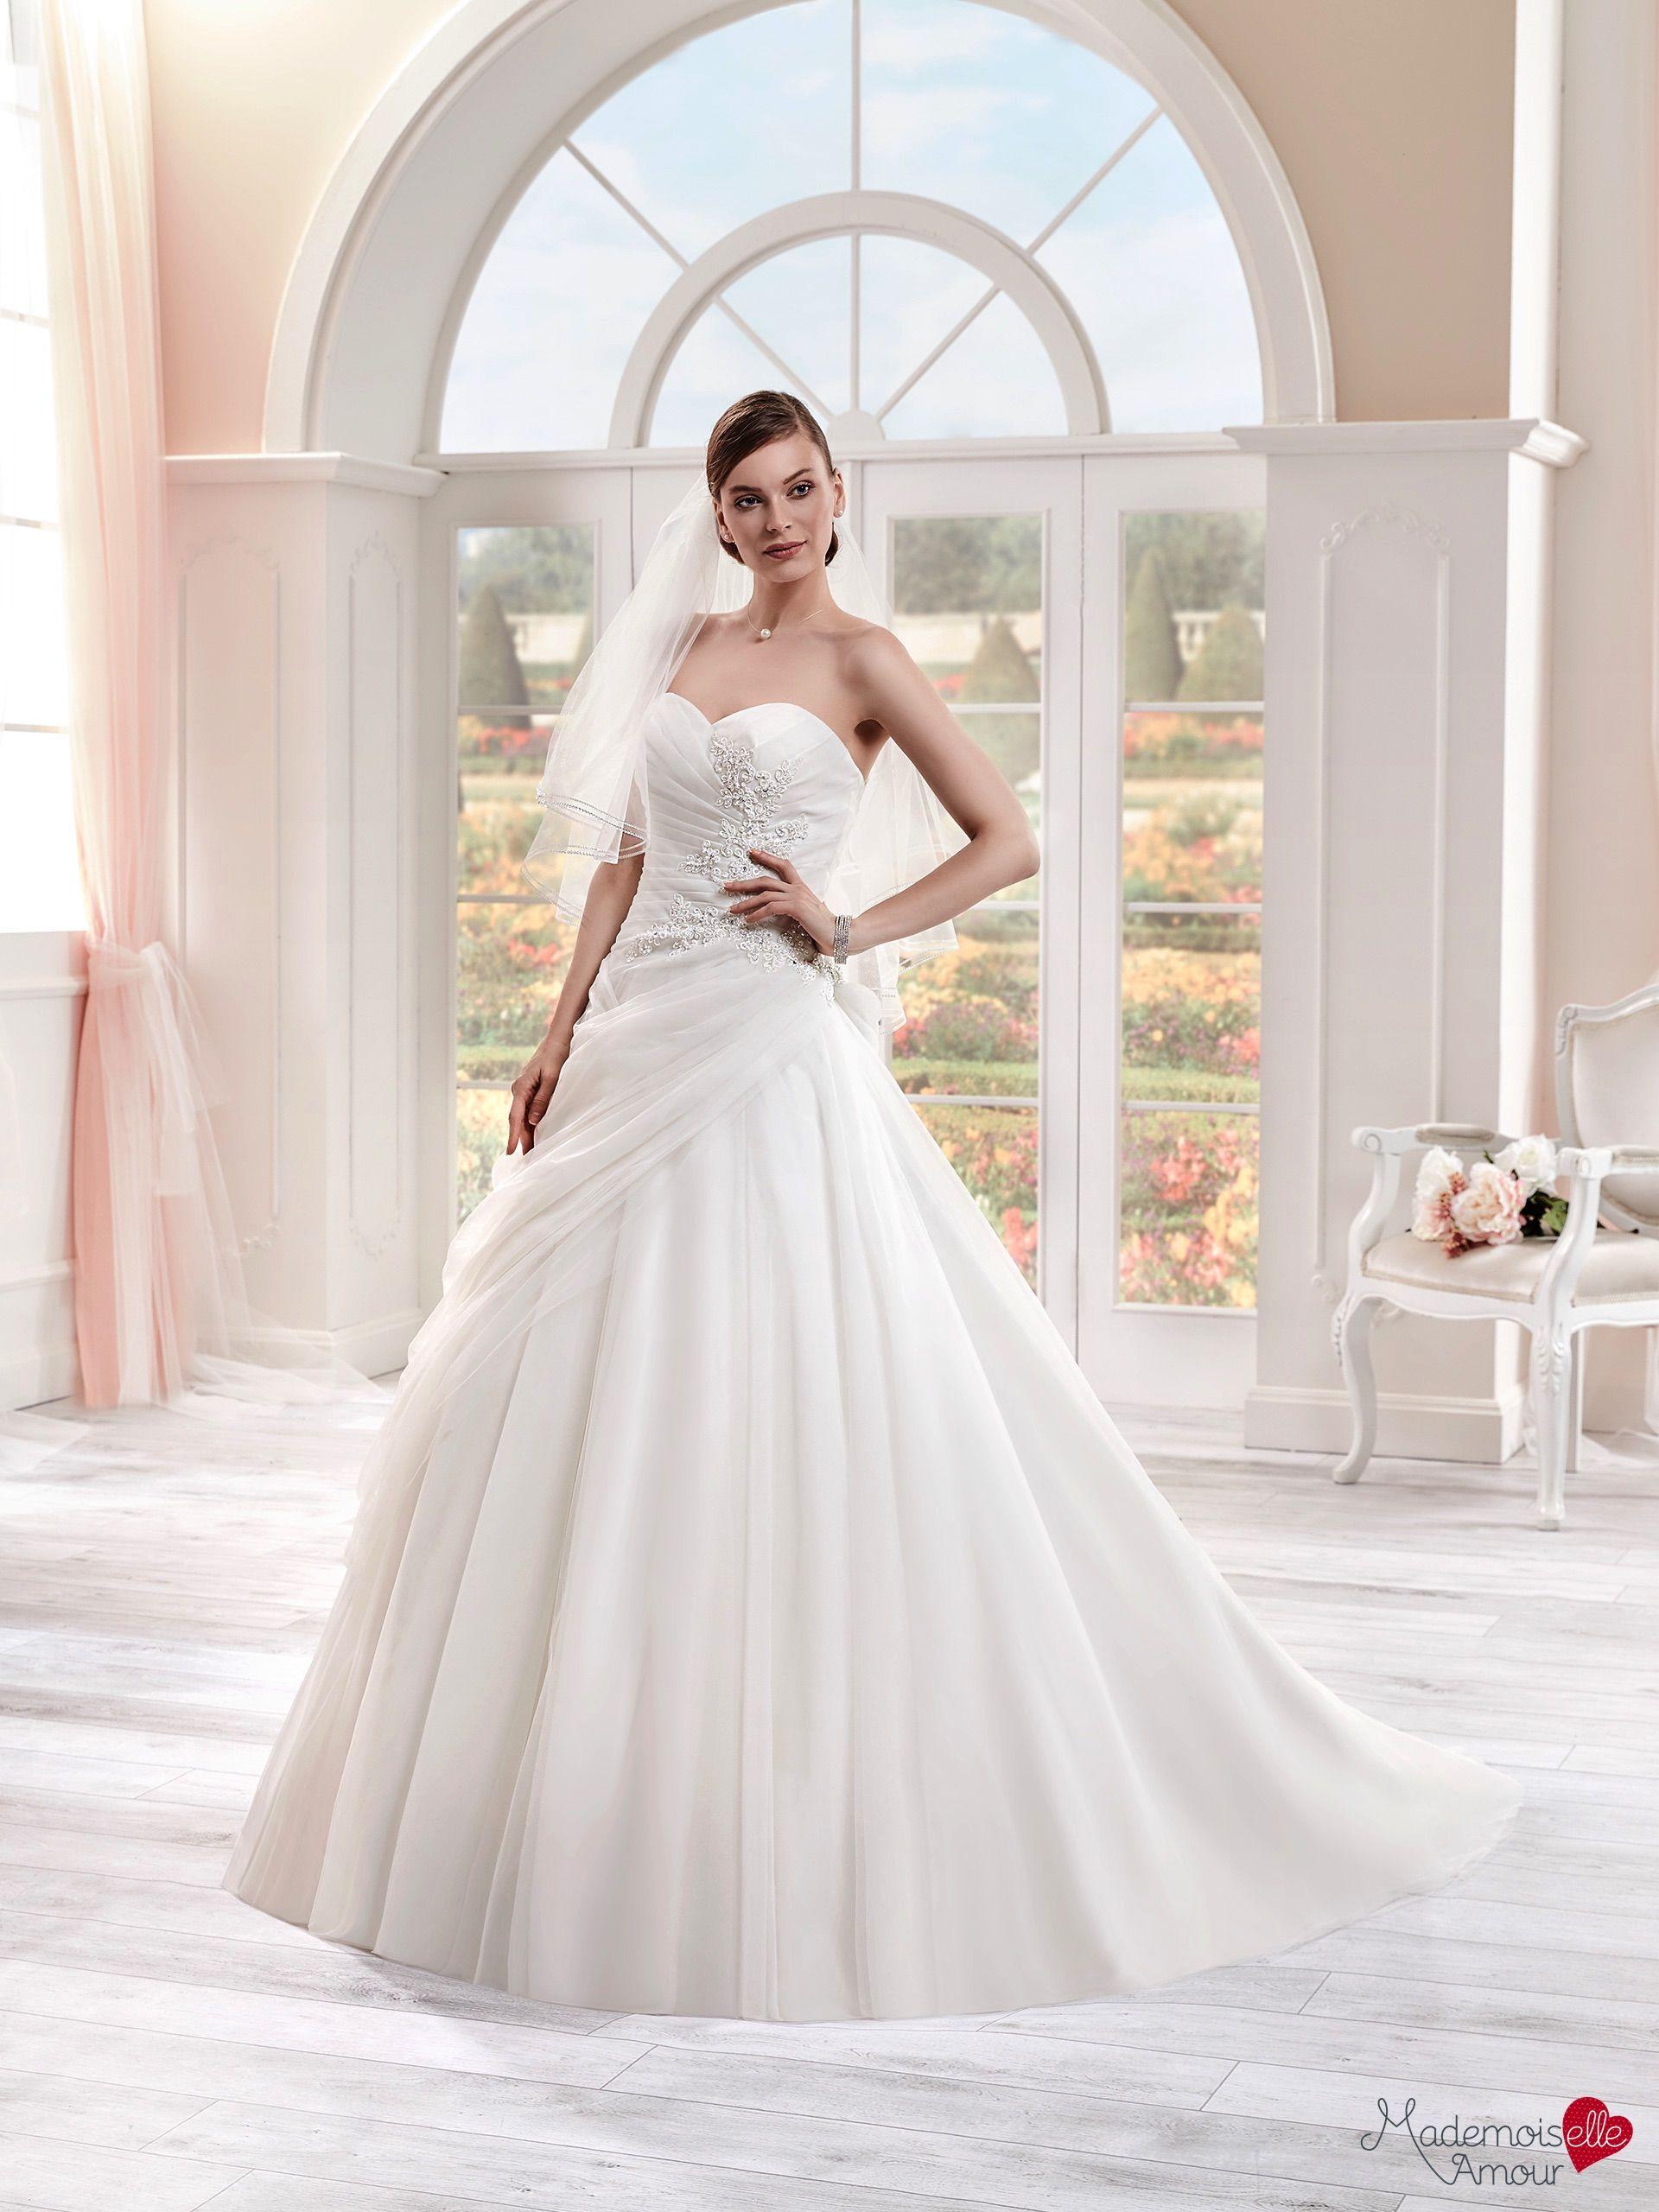 Robe de mariée Mlle Tulle, robe de mariée princesse, robe de mariage traîne…